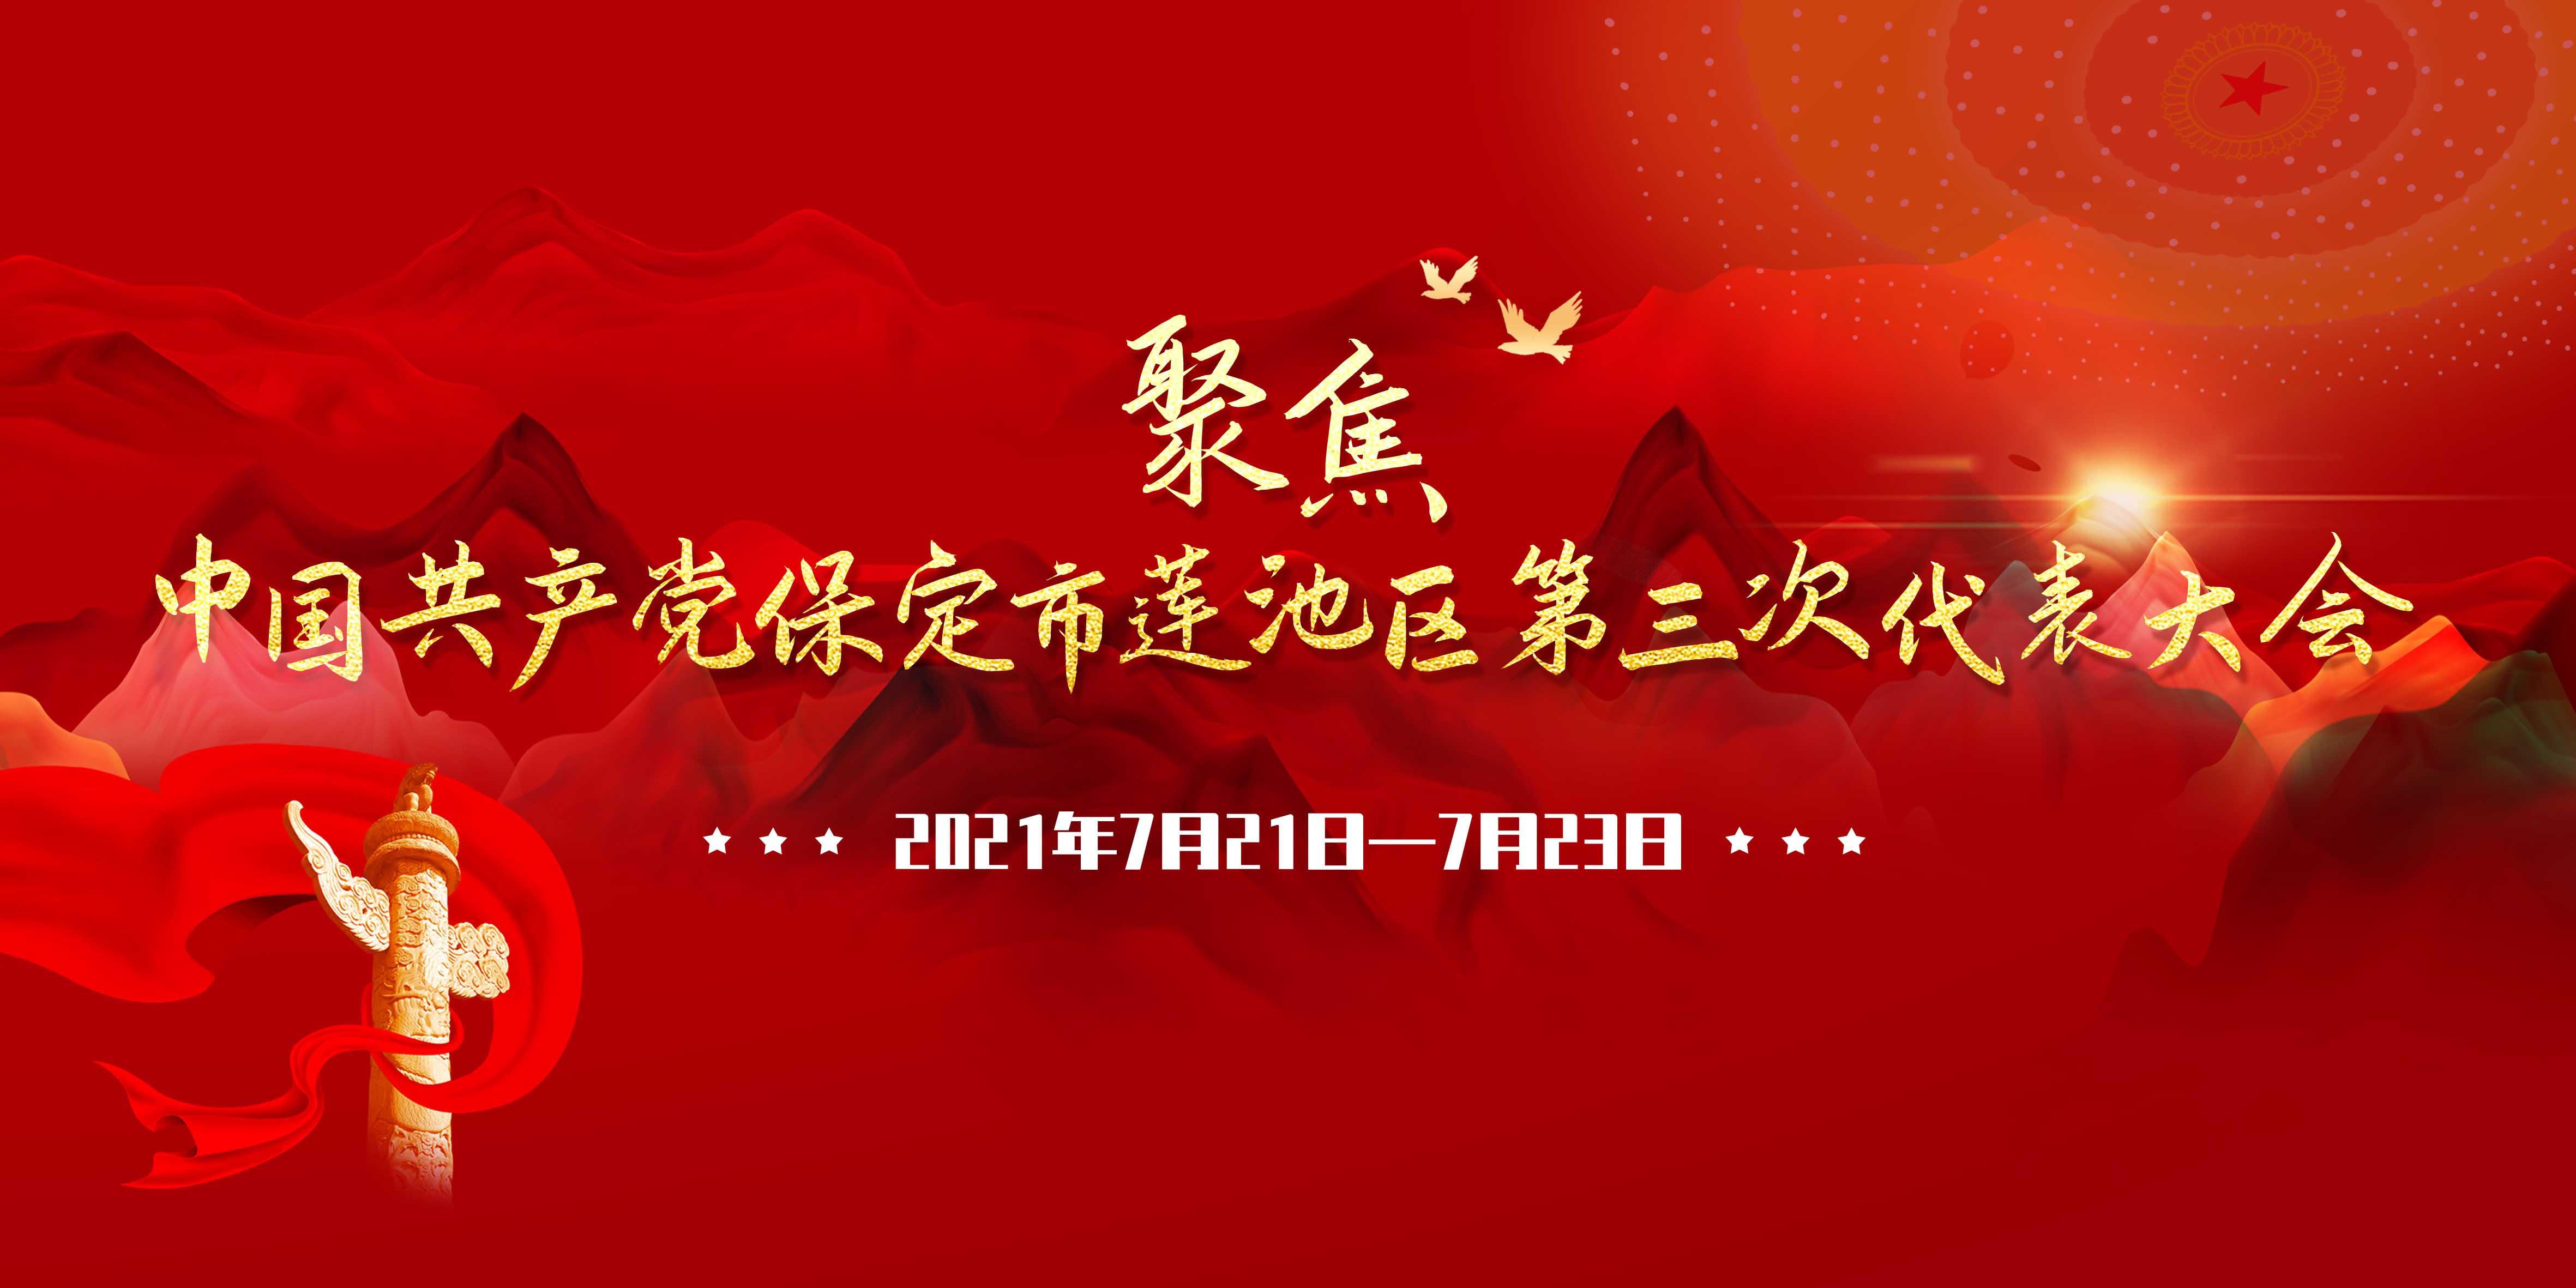 聚焦:中國共產黨保定市蓮池區第三次代表大會